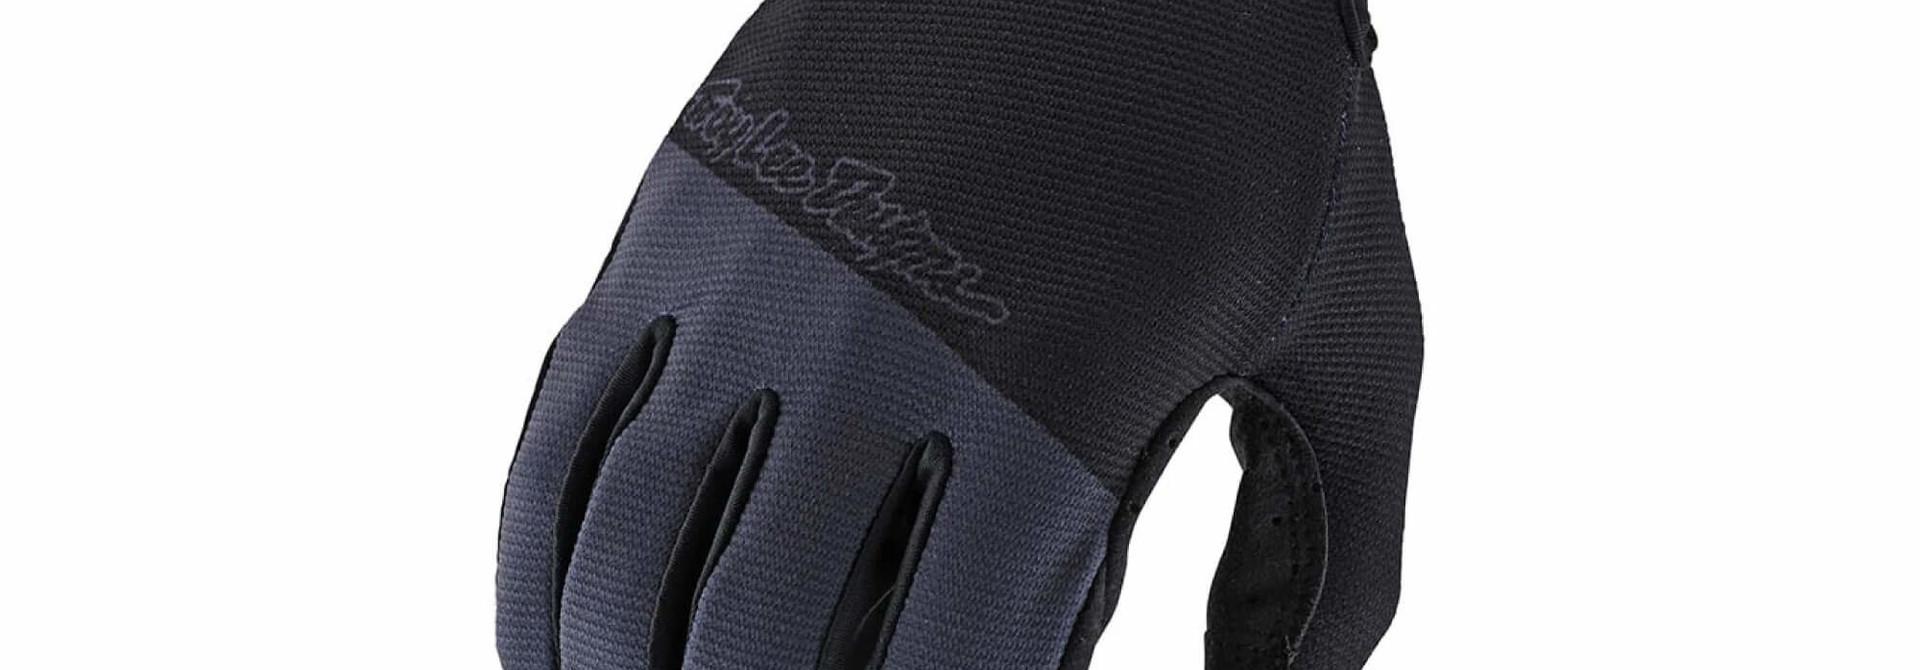 Flowline Glove 21